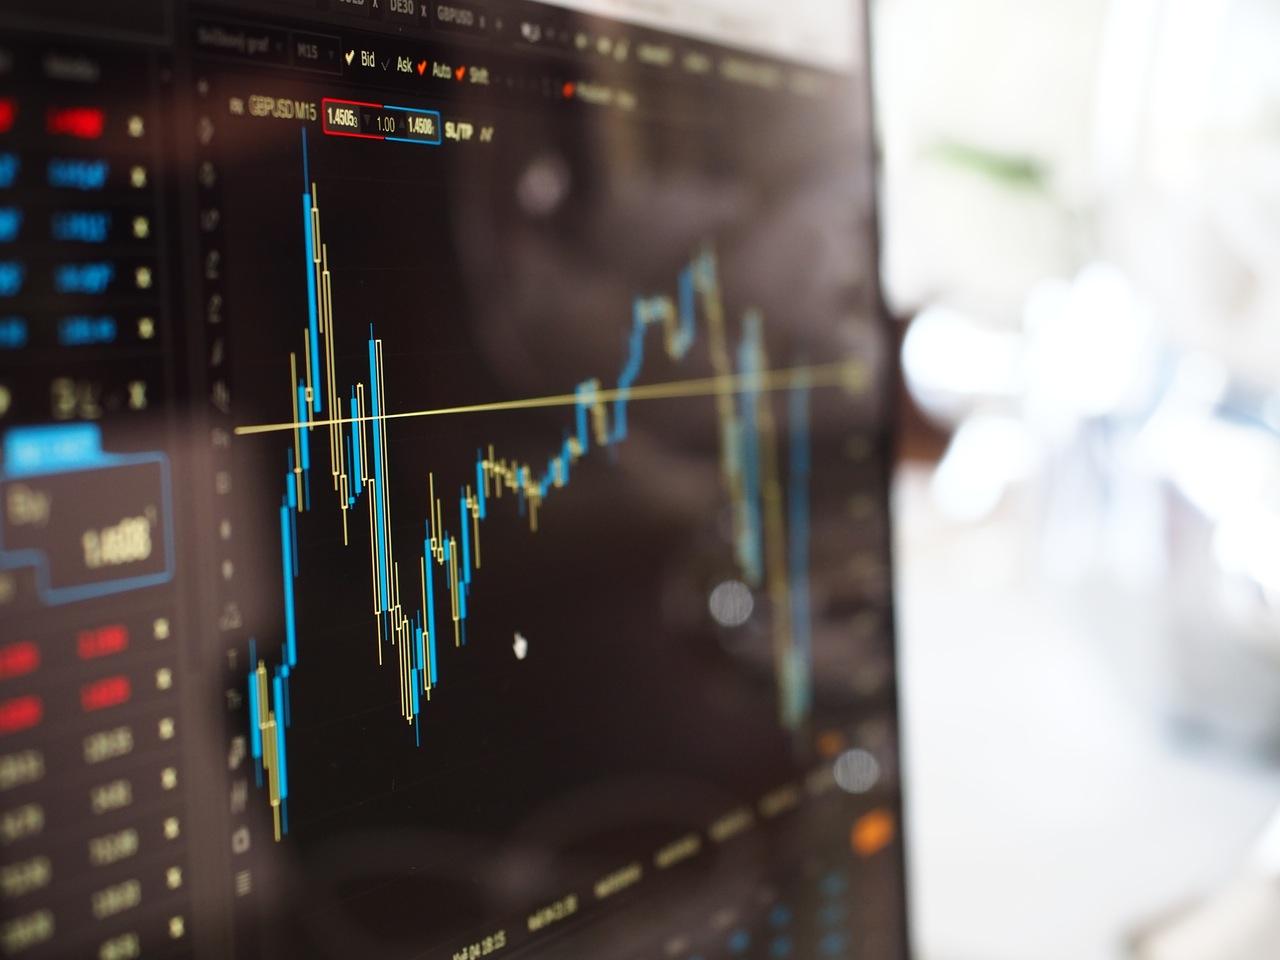 Bolsa y mercados financieros, consejos para principiantes